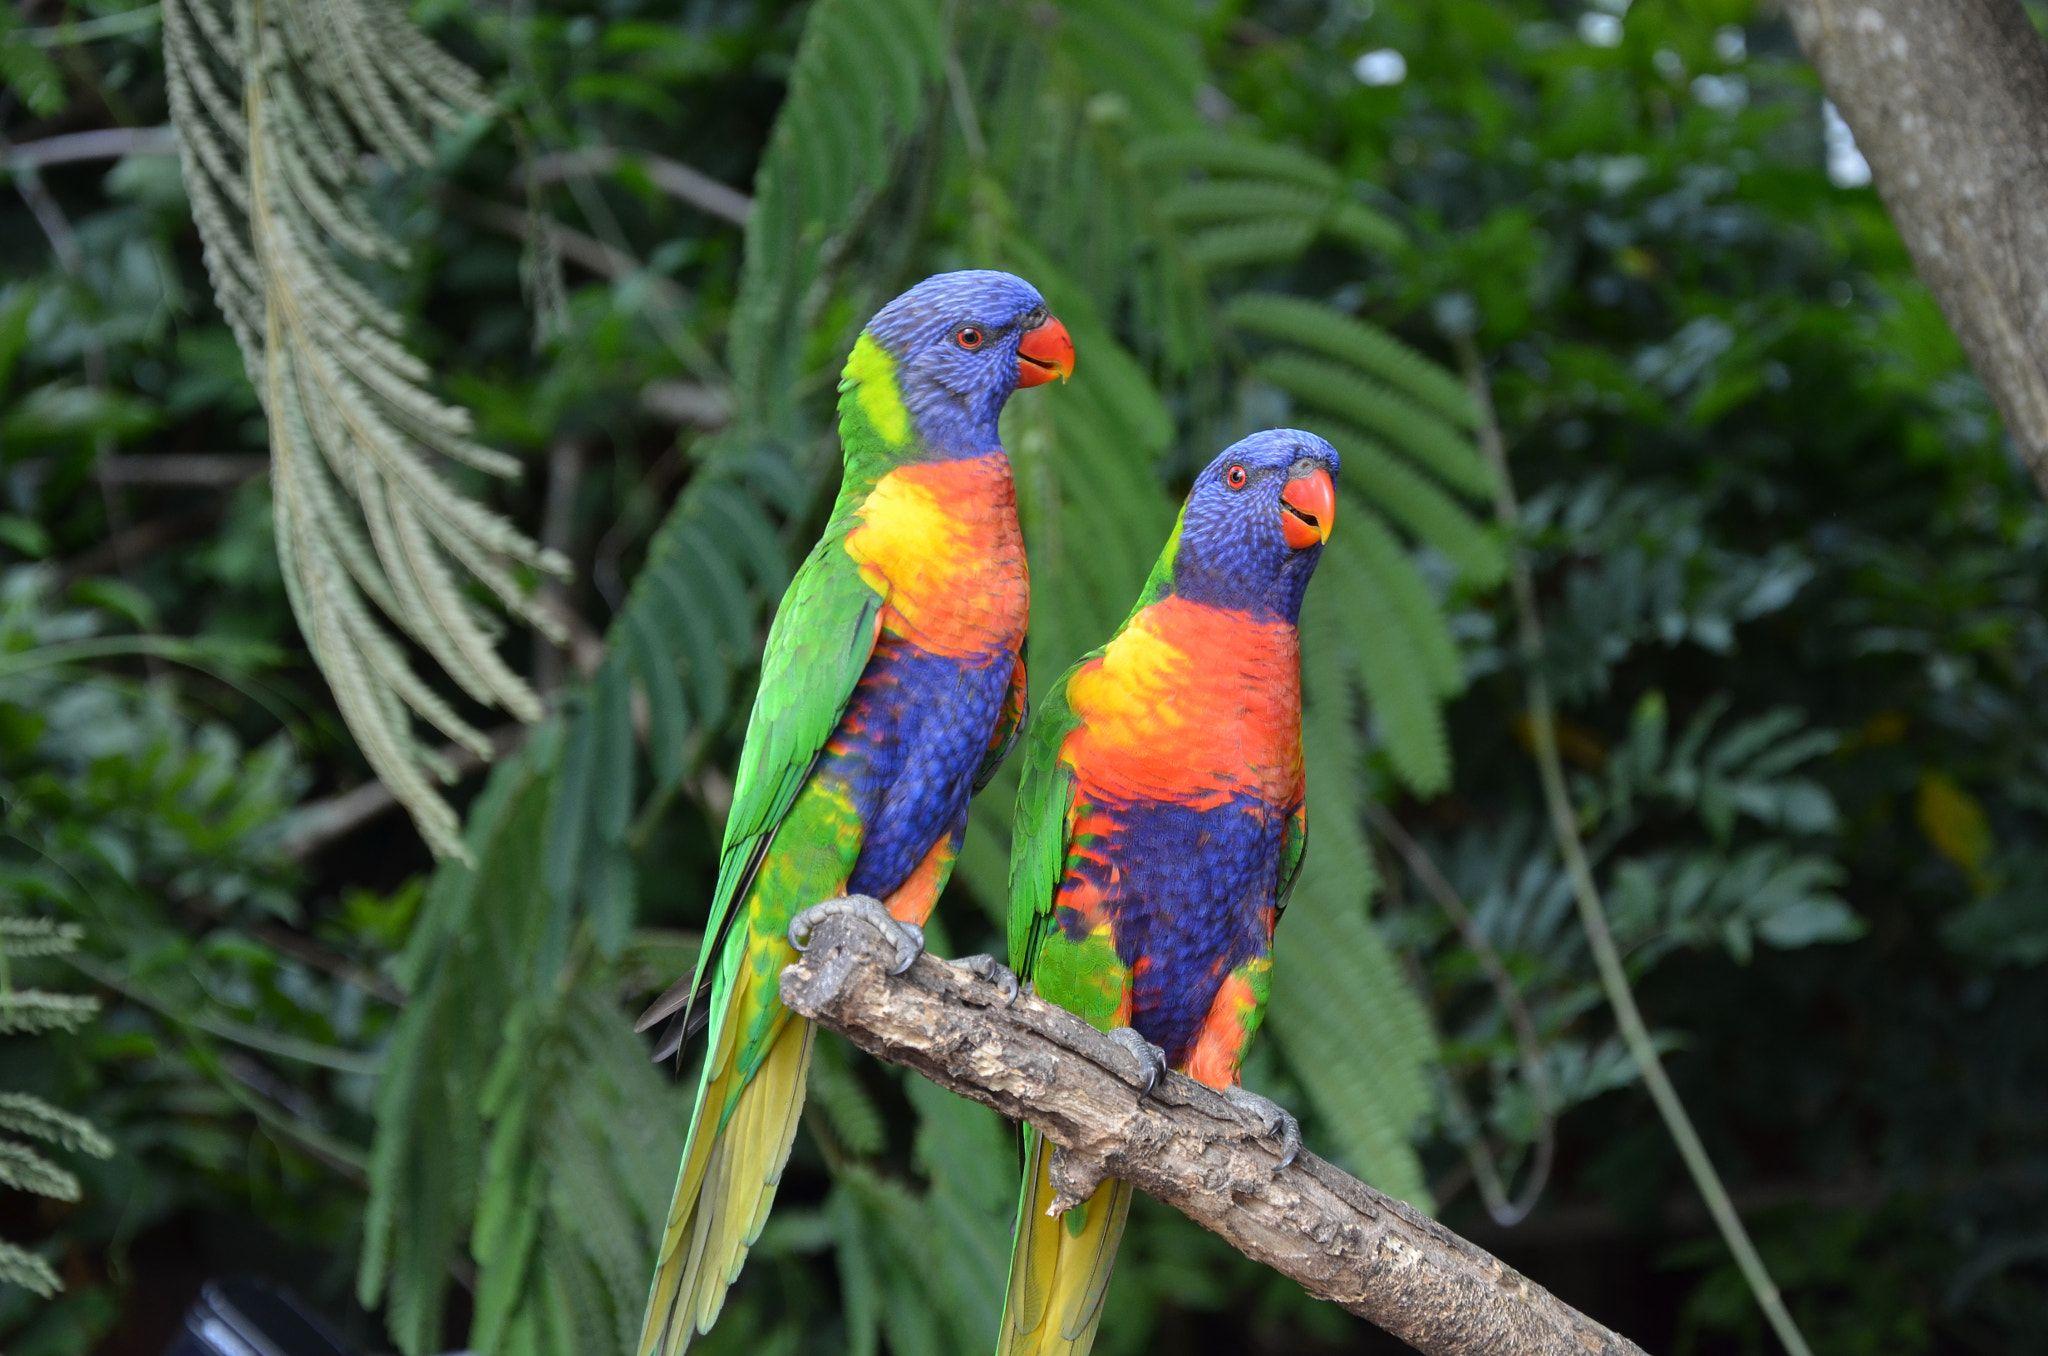 Lori australia parrot lori mit bildern bilder